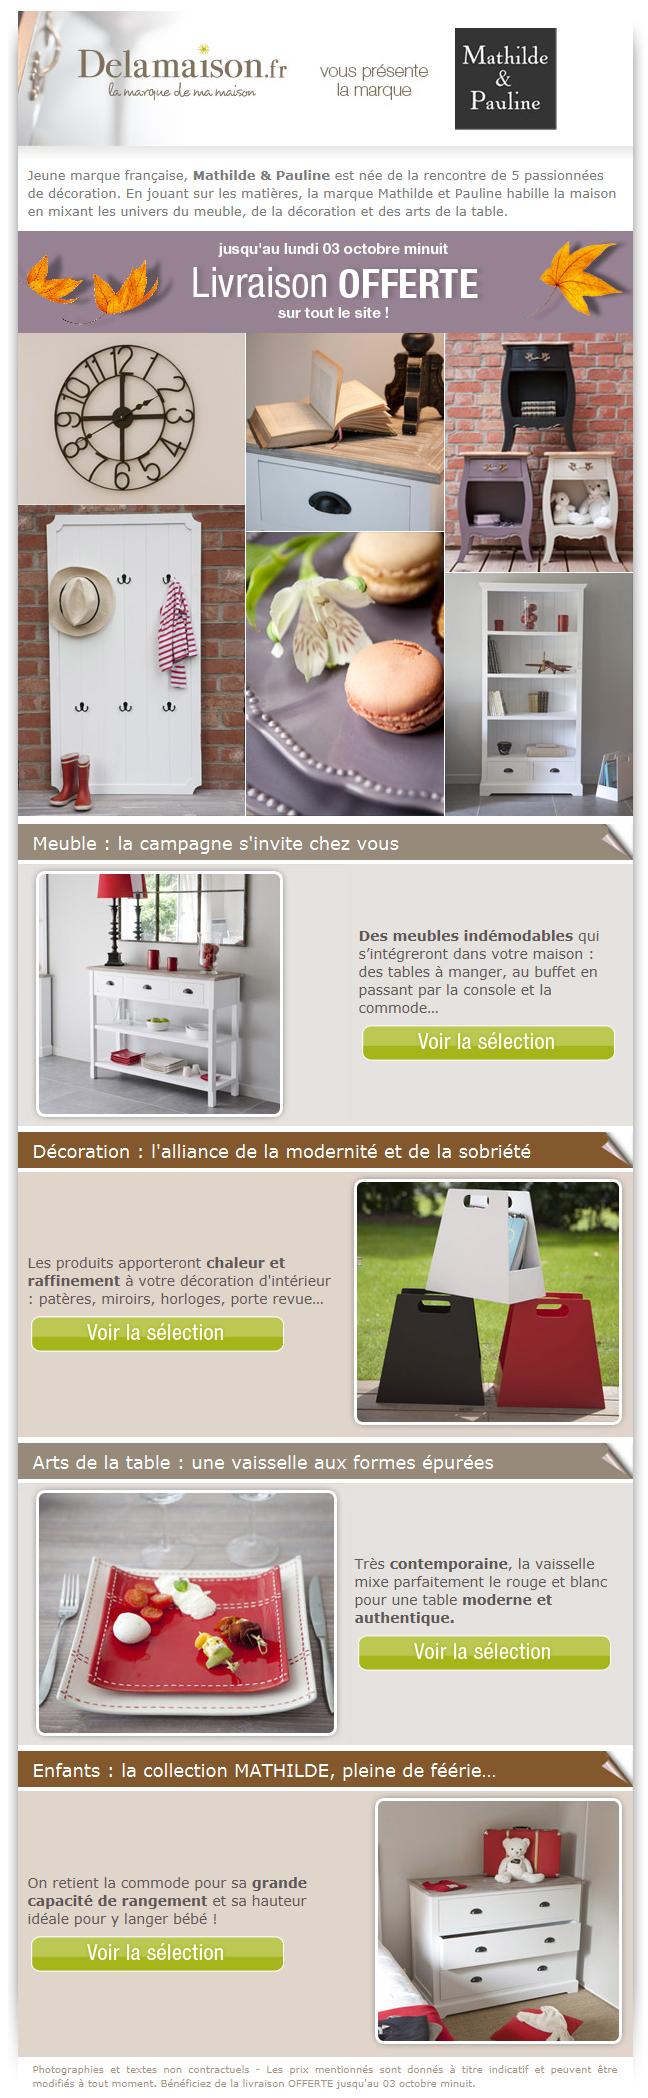 magasin delamaison adresse finest noel magique delamaison with magasin delamaison adresse arts. Black Bedroom Furniture Sets. Home Design Ideas